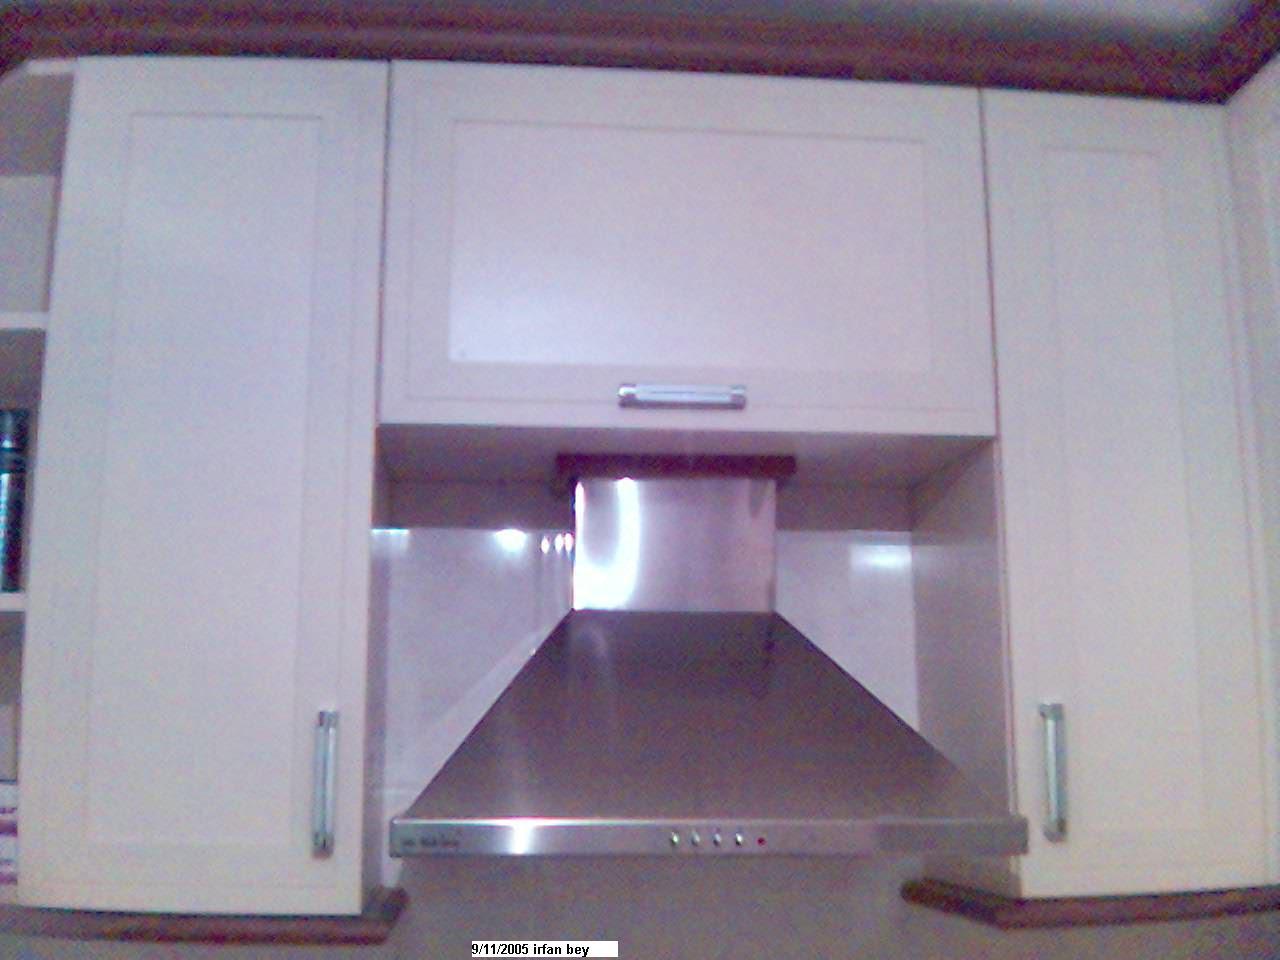 aspiratör montajı davlumbaz mutfak montajı yapılır cengiz usta 0532 371 59  15 – mobilya tamir usta montaj cengiz usta izmir 0532 371 59 15